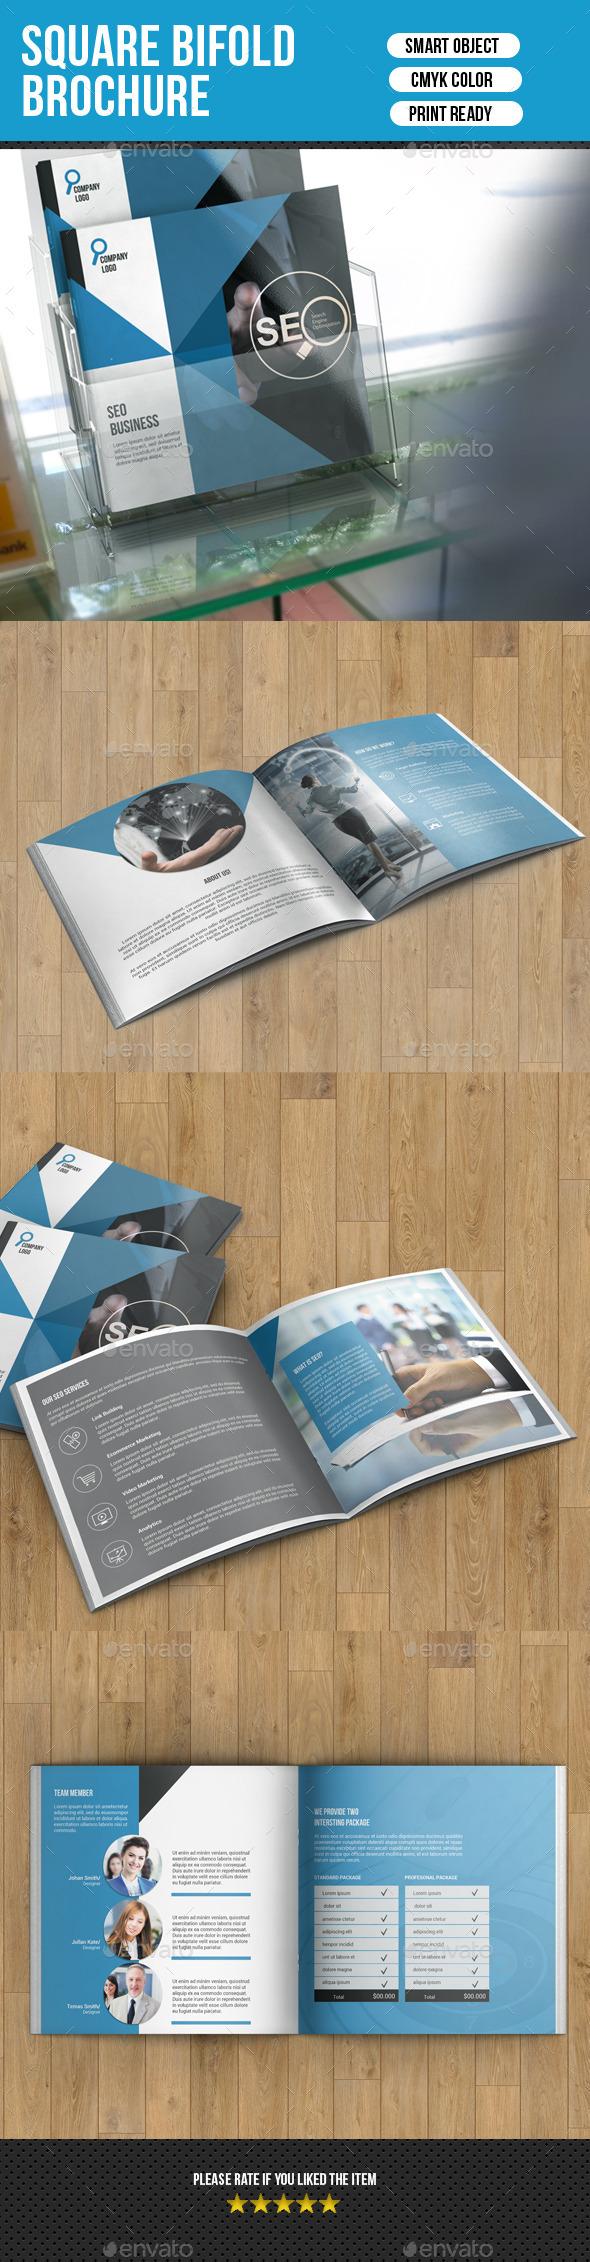 GraphicRiver Corporate Square Bifold Brochure-V08 9899905